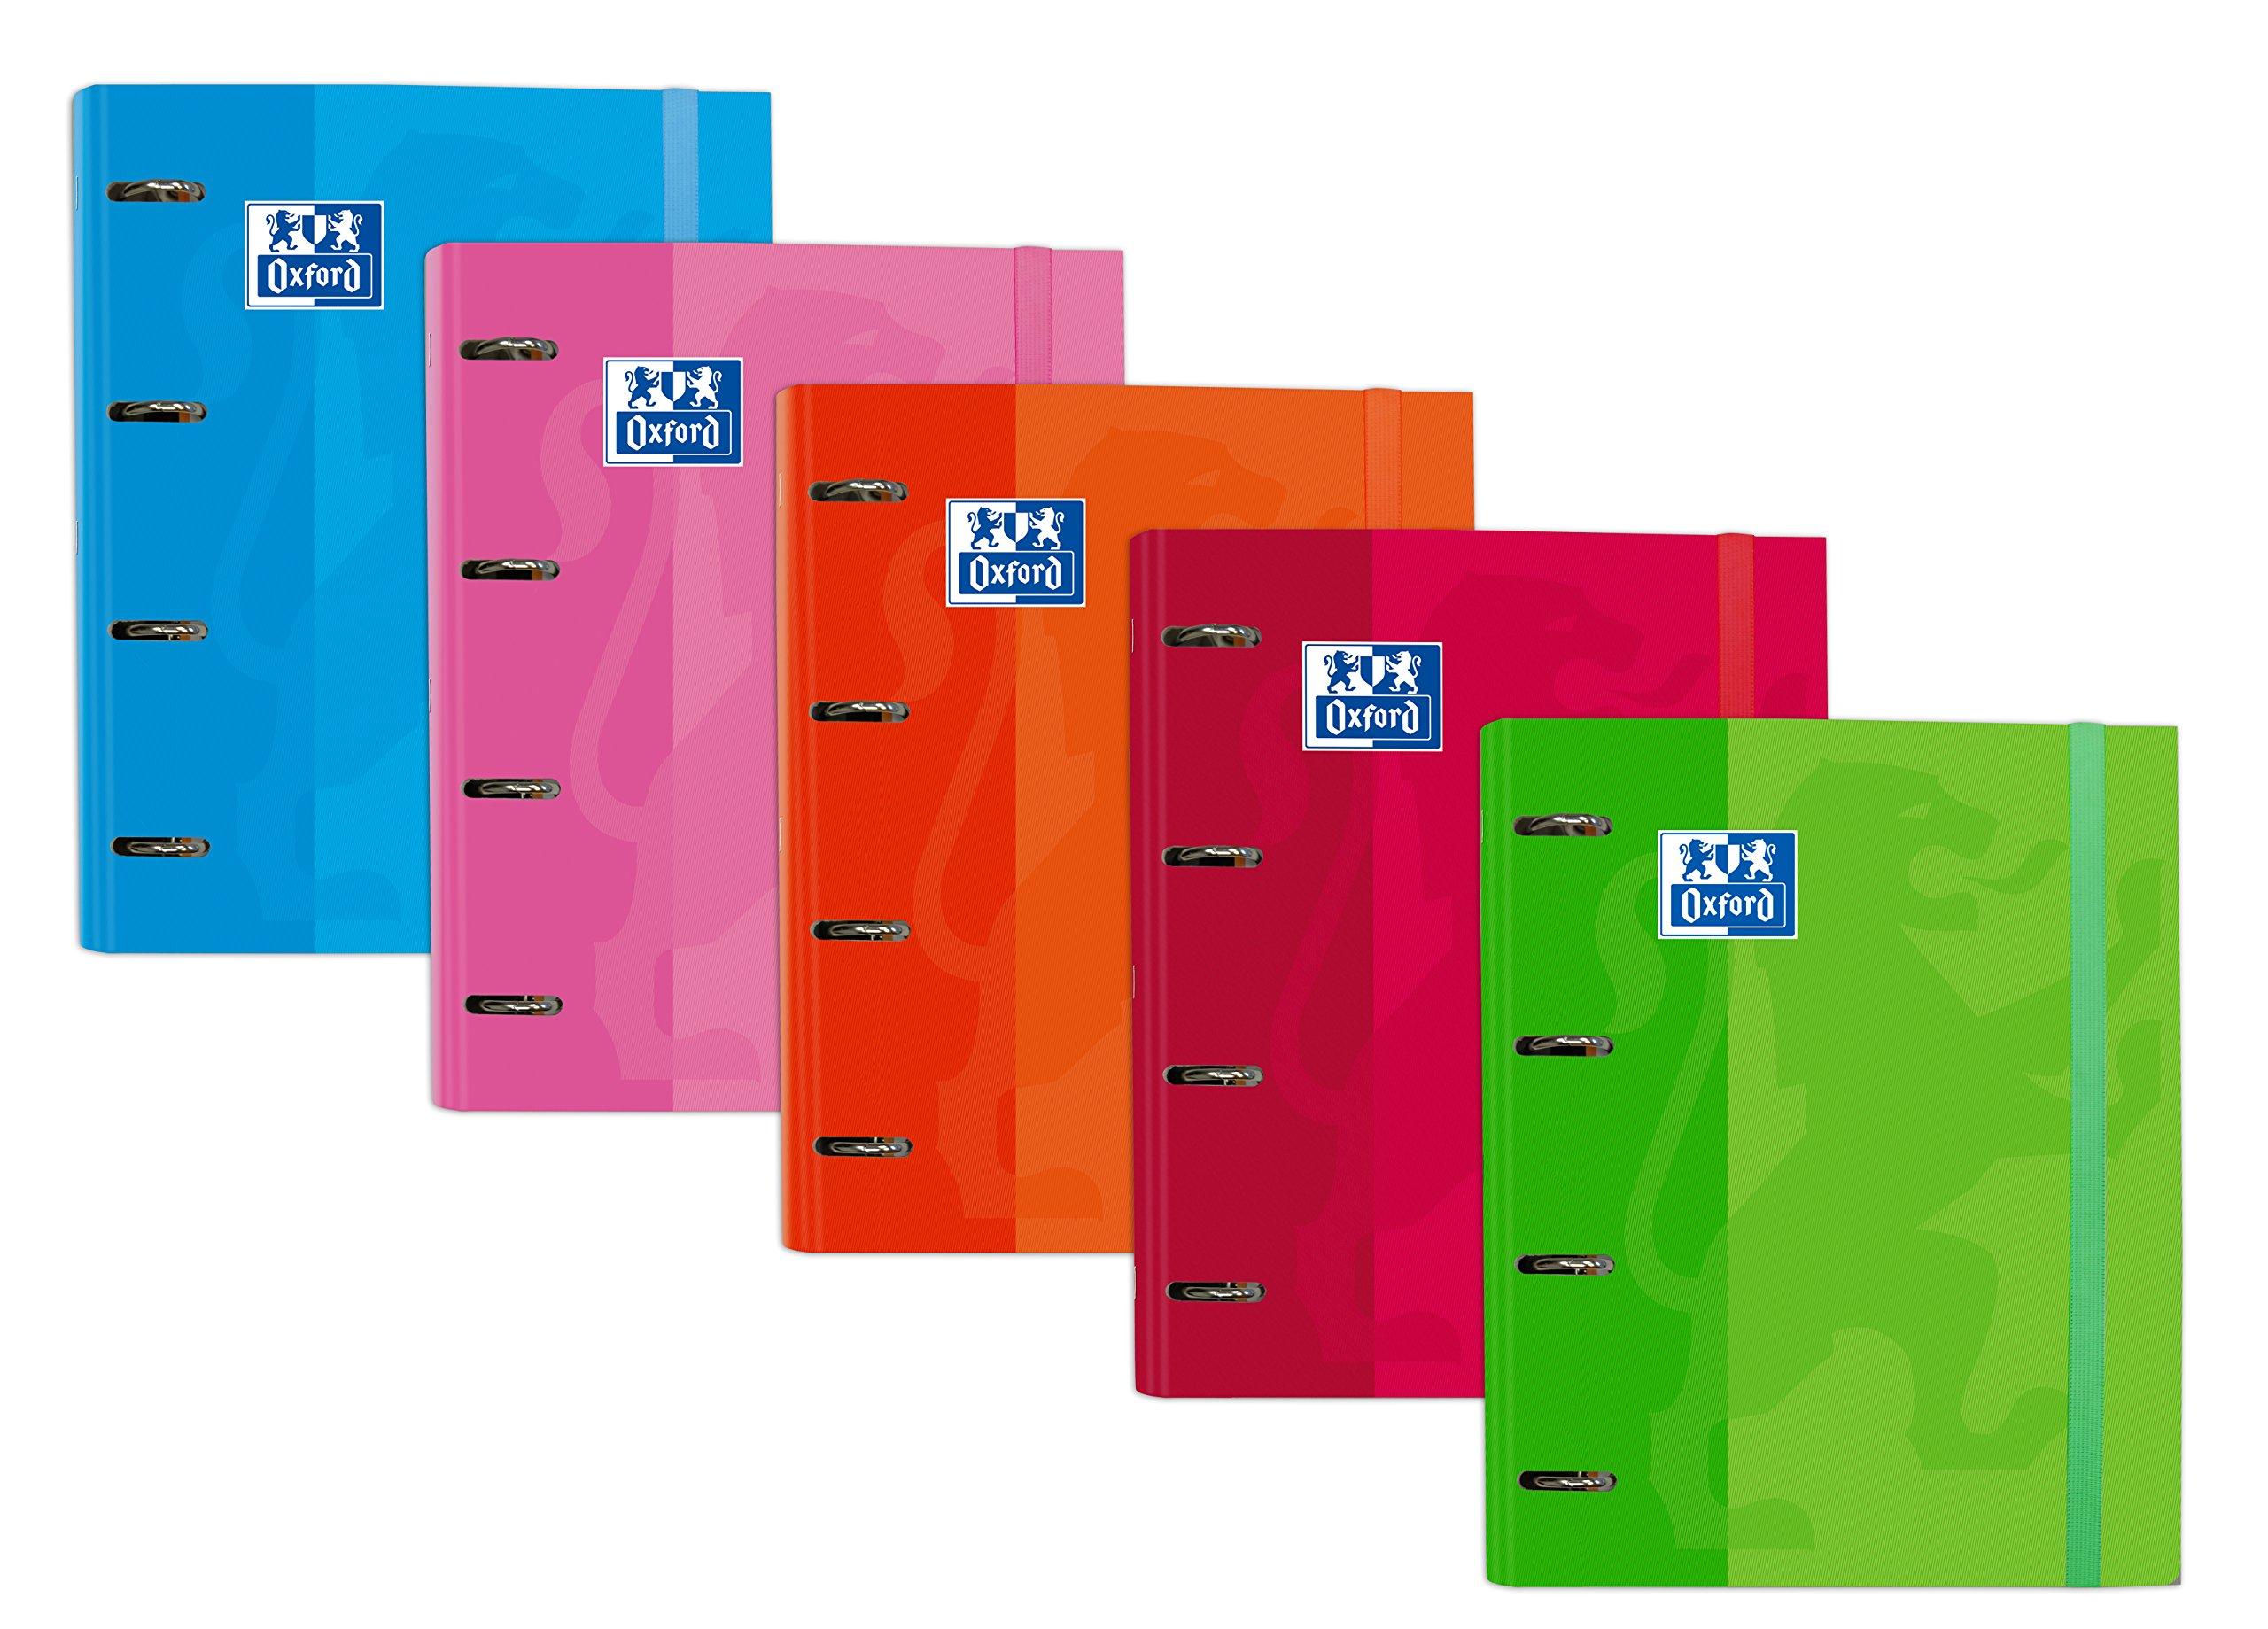 Archivador 4 anillas con recambio y goma Oxford, Caja de 10 unidades, Tapa Extradura A4+ con Recambio 100 Hojas, Cuadrícula 5x5, Colores surtidos: Amazon.es: Oficina y papelería